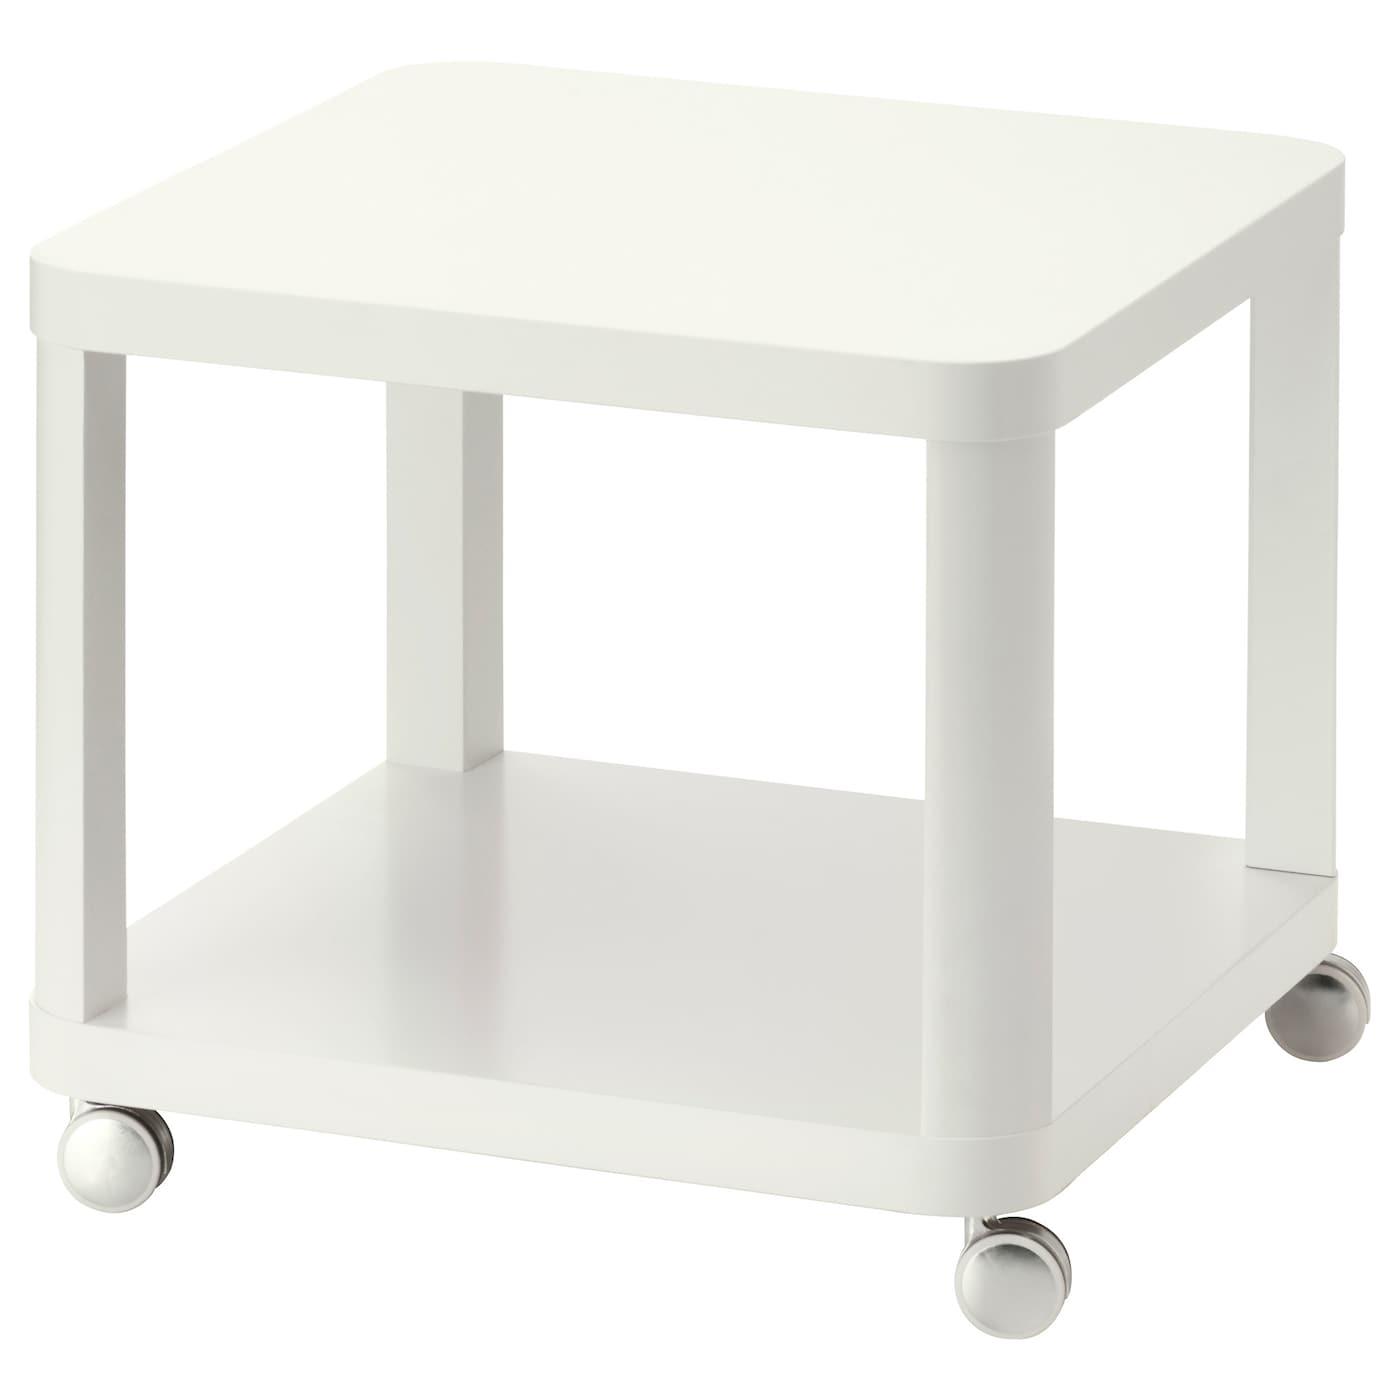 IKEA TINGBY biały stolik na kółkach, 50x50 cm